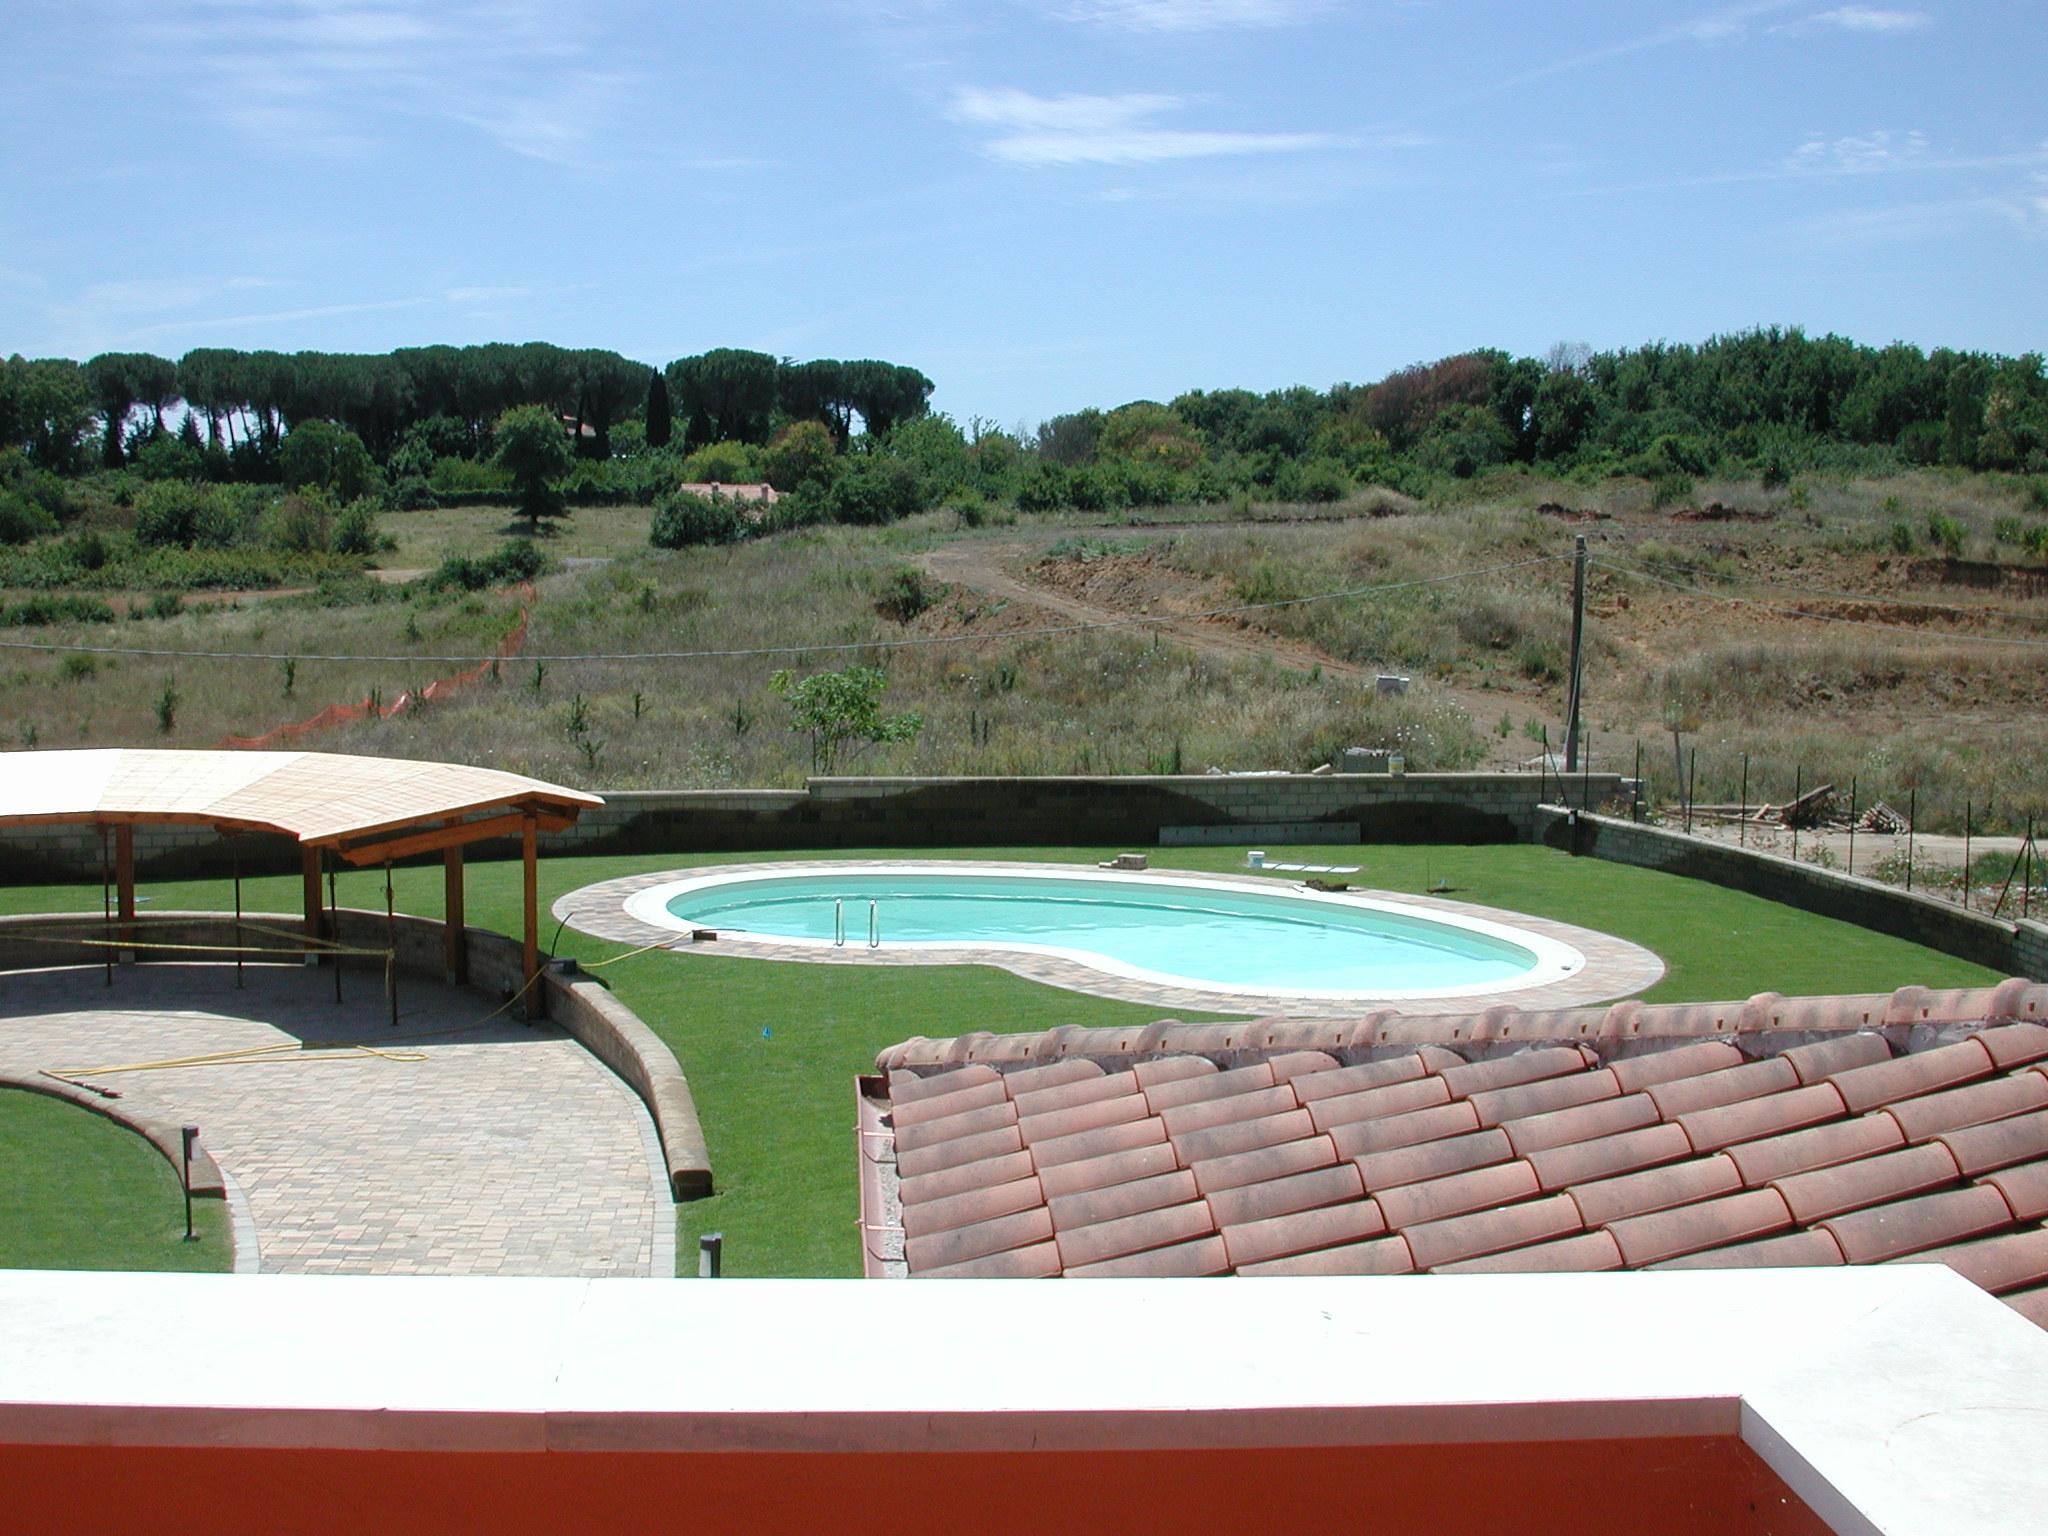 Quanto costa gestire una piscina privata vendita - Quanto costa una piscina ...